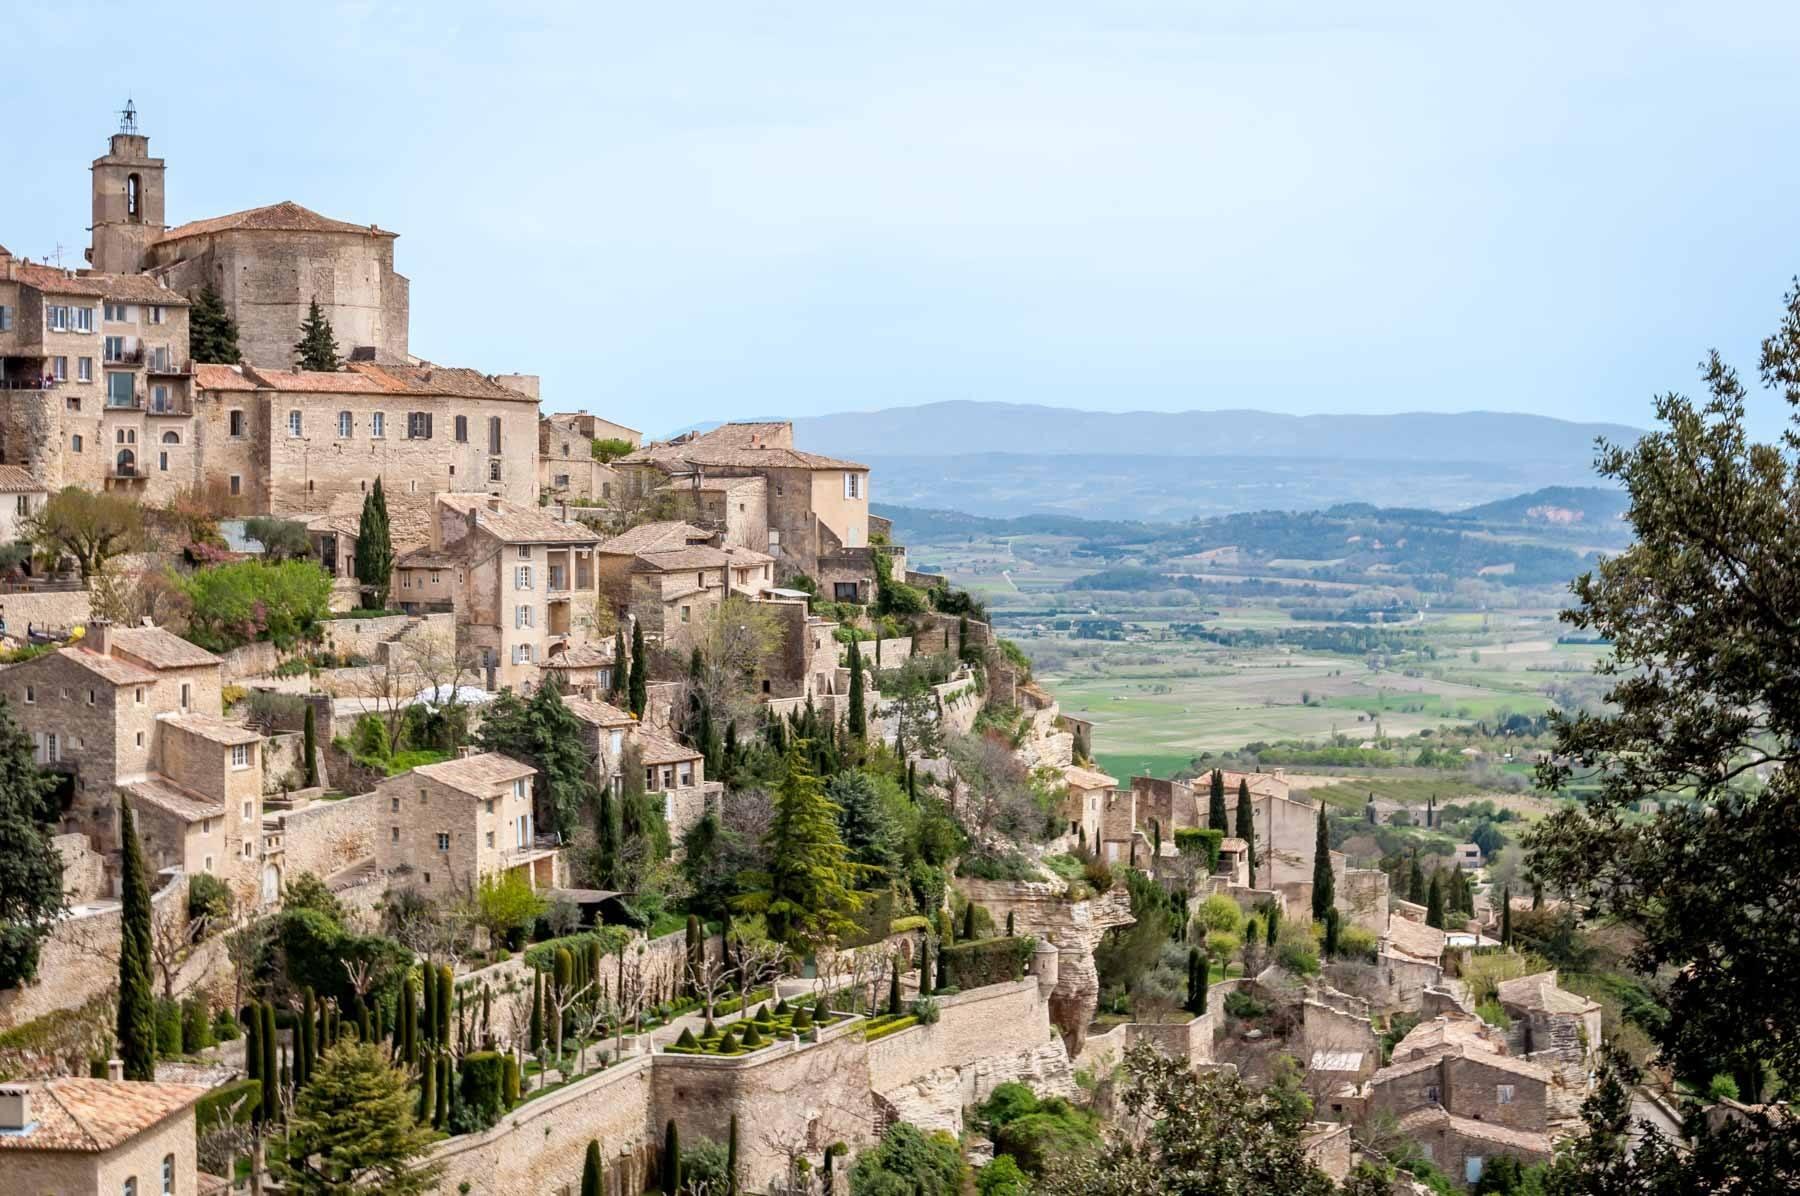 Town built on a hillside